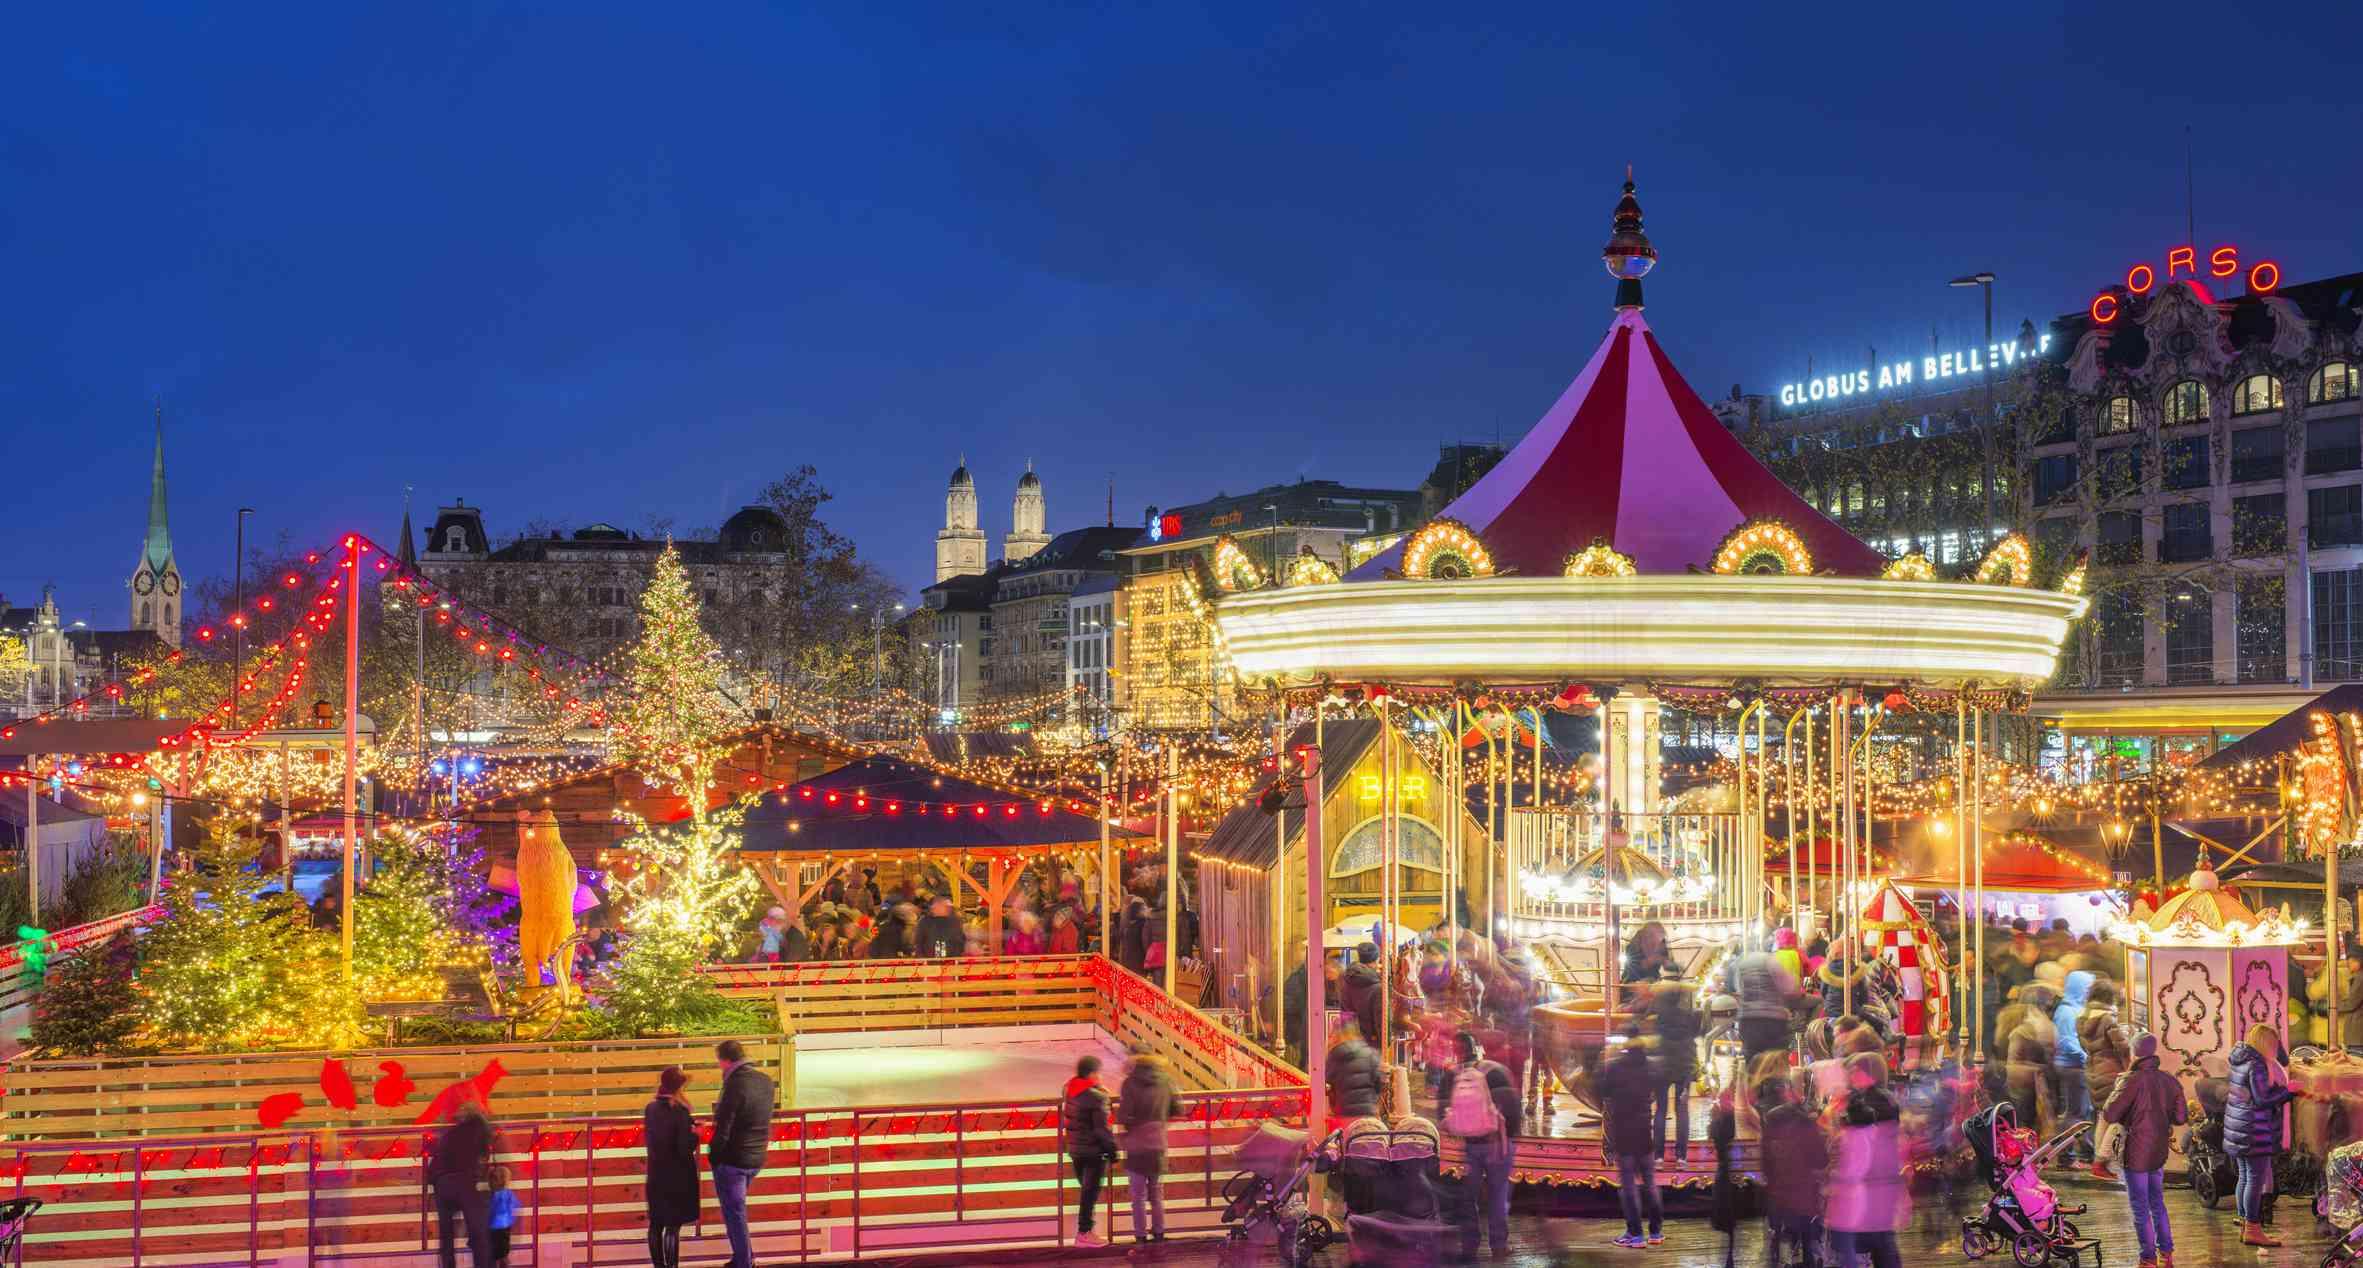 Zurich Christmas Market at Bellevue and Sechseläutenplatz